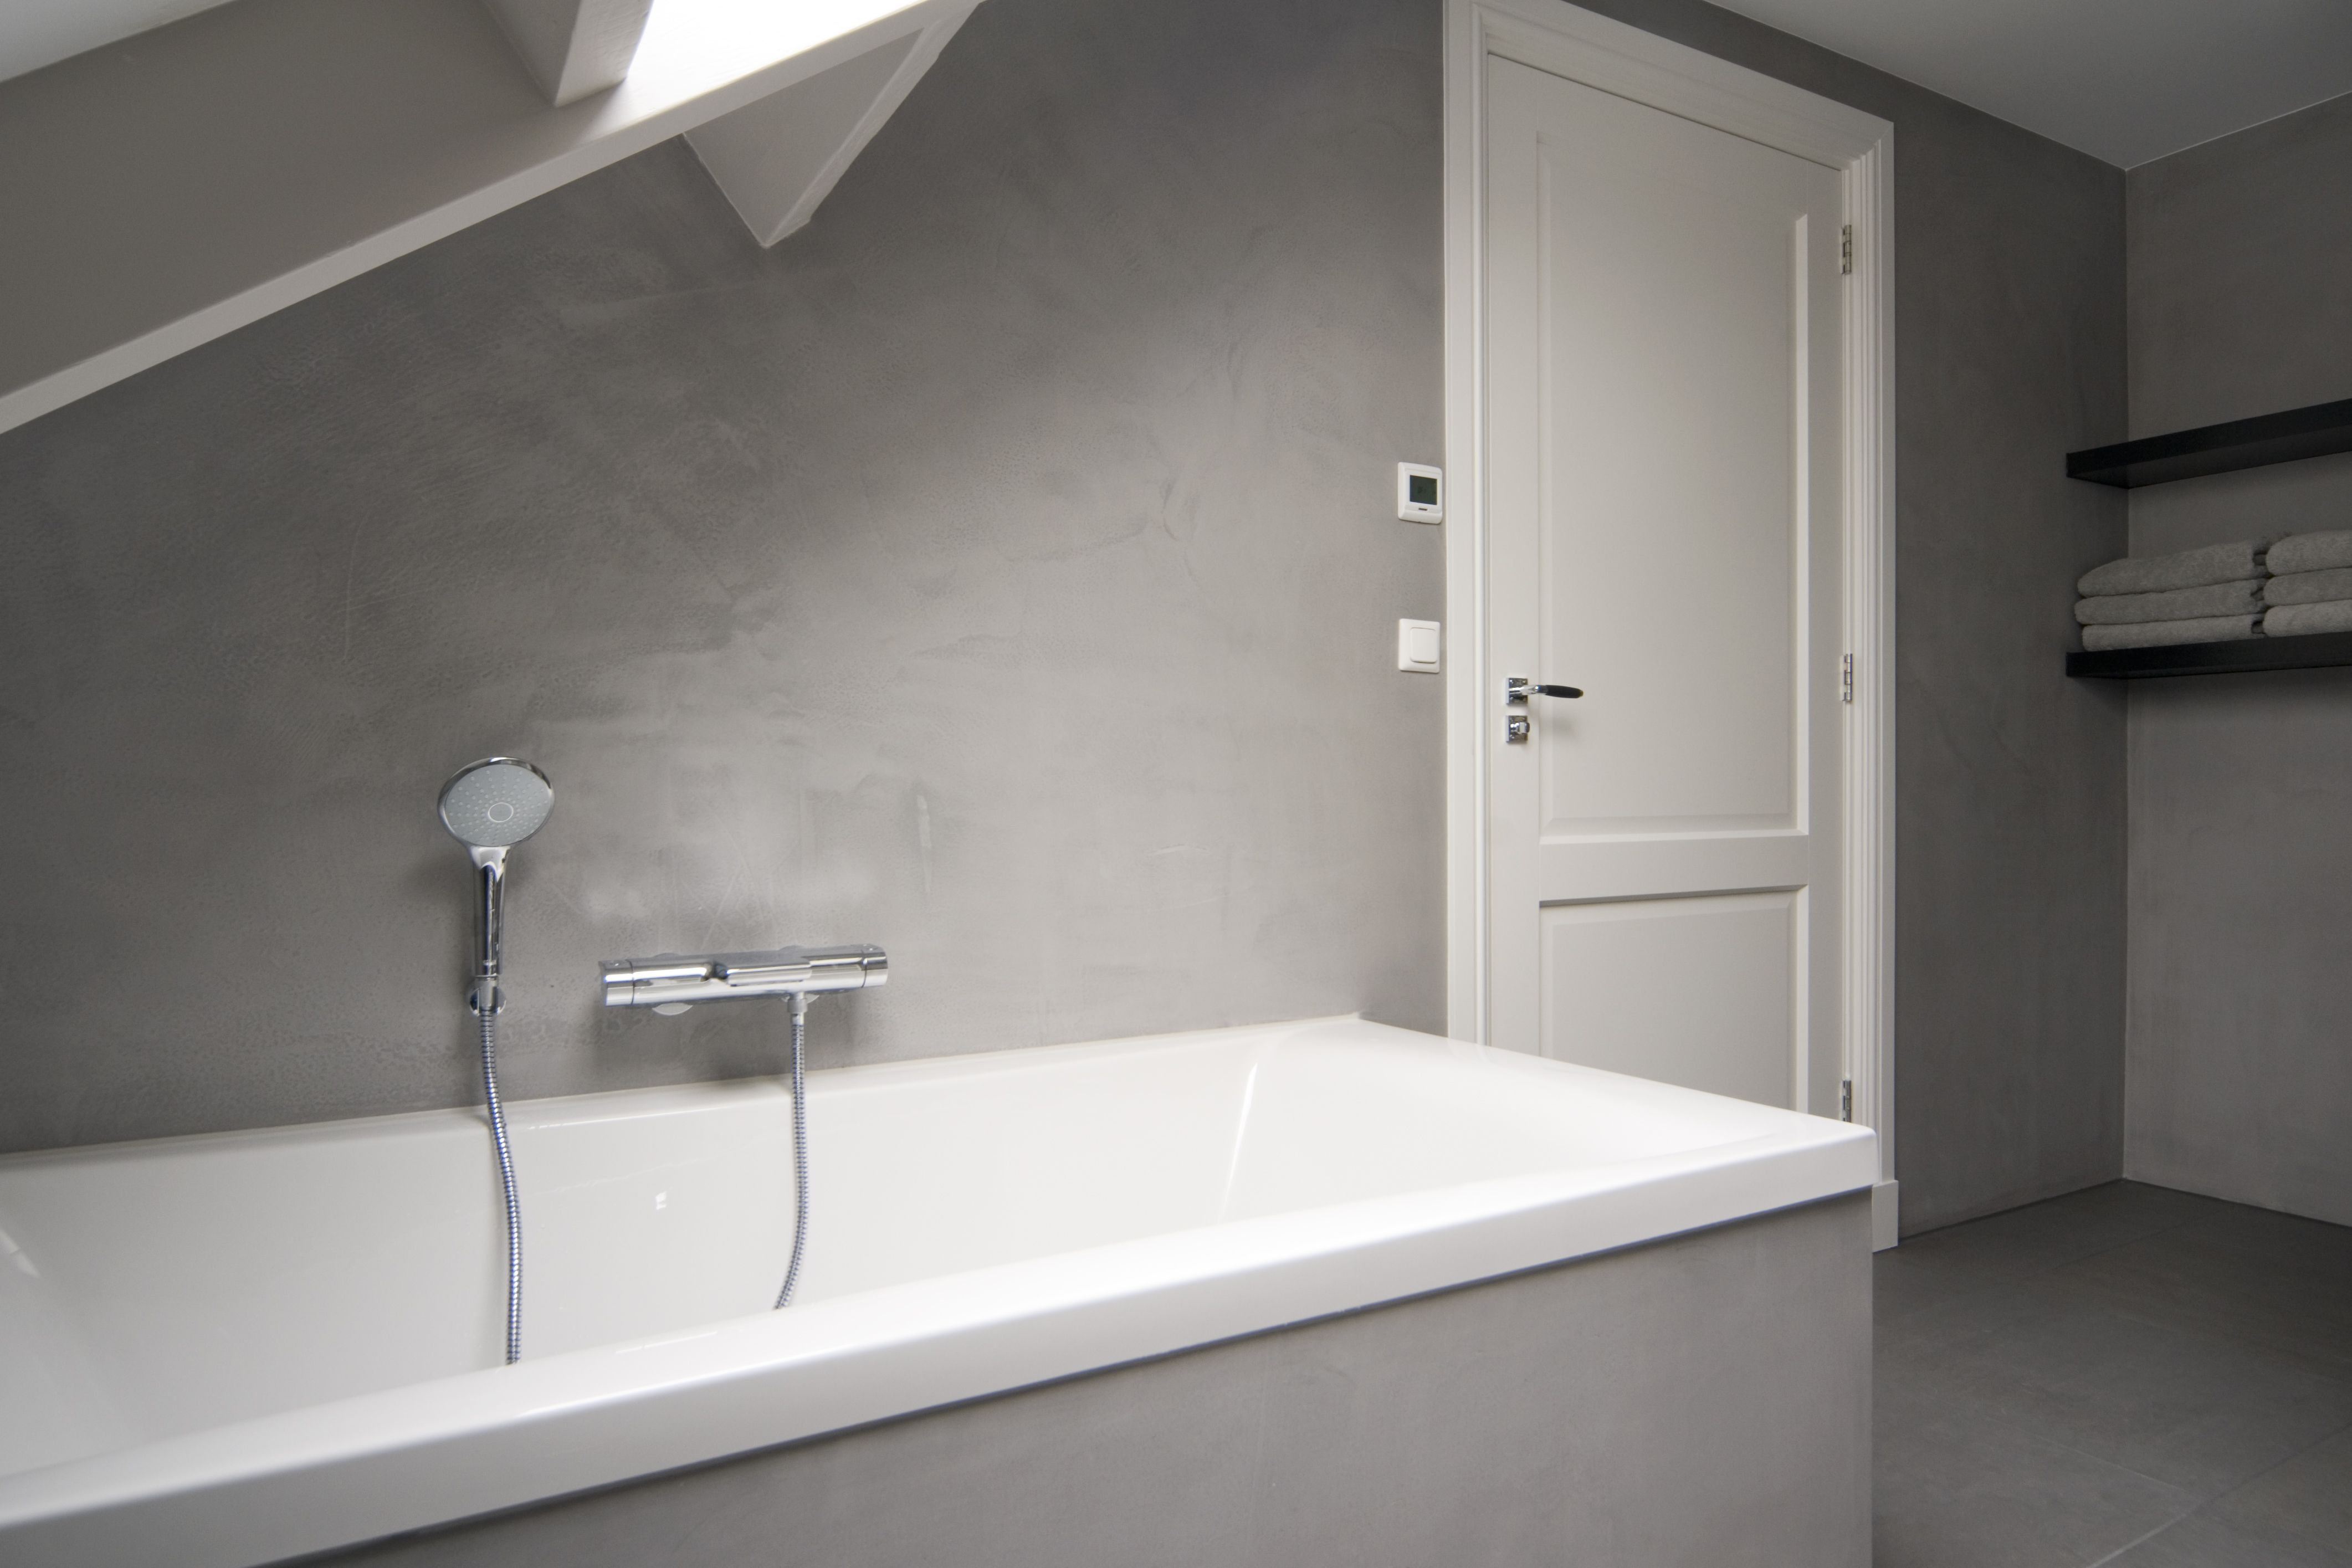 Badkamer Stuc Voorbeelden : Pandomo badkamer # voorbeelden werk stukadoorsbedrijf h. keijzer